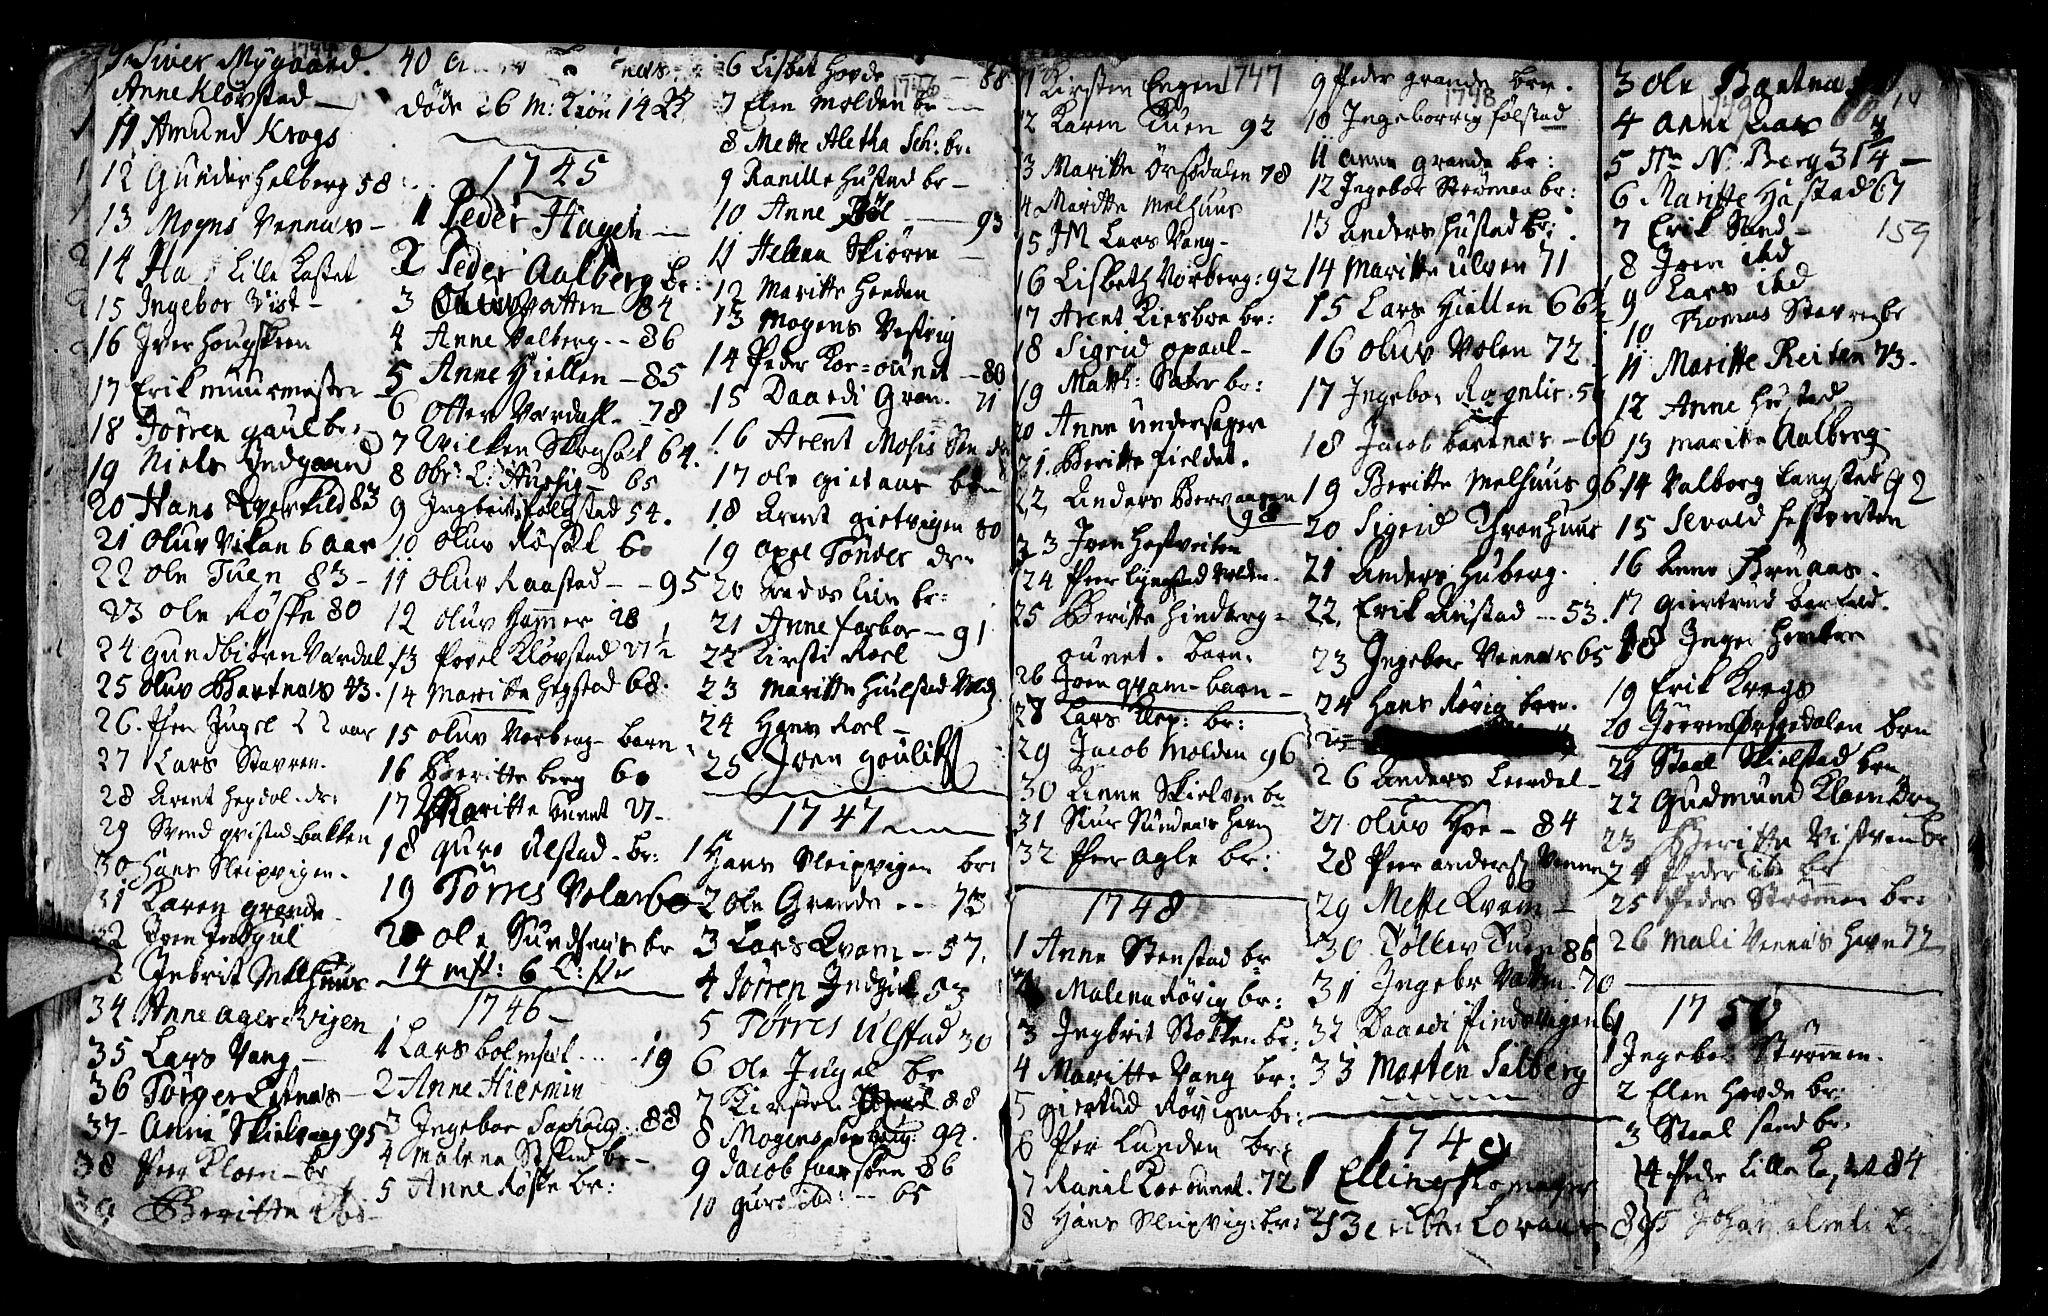 SAT, Ministerialprotokoller, klokkerbøker og fødselsregistre - Nord-Trøndelag, 730/L0272: Ministerialbok nr. 730A01, 1733-1764, s. 159